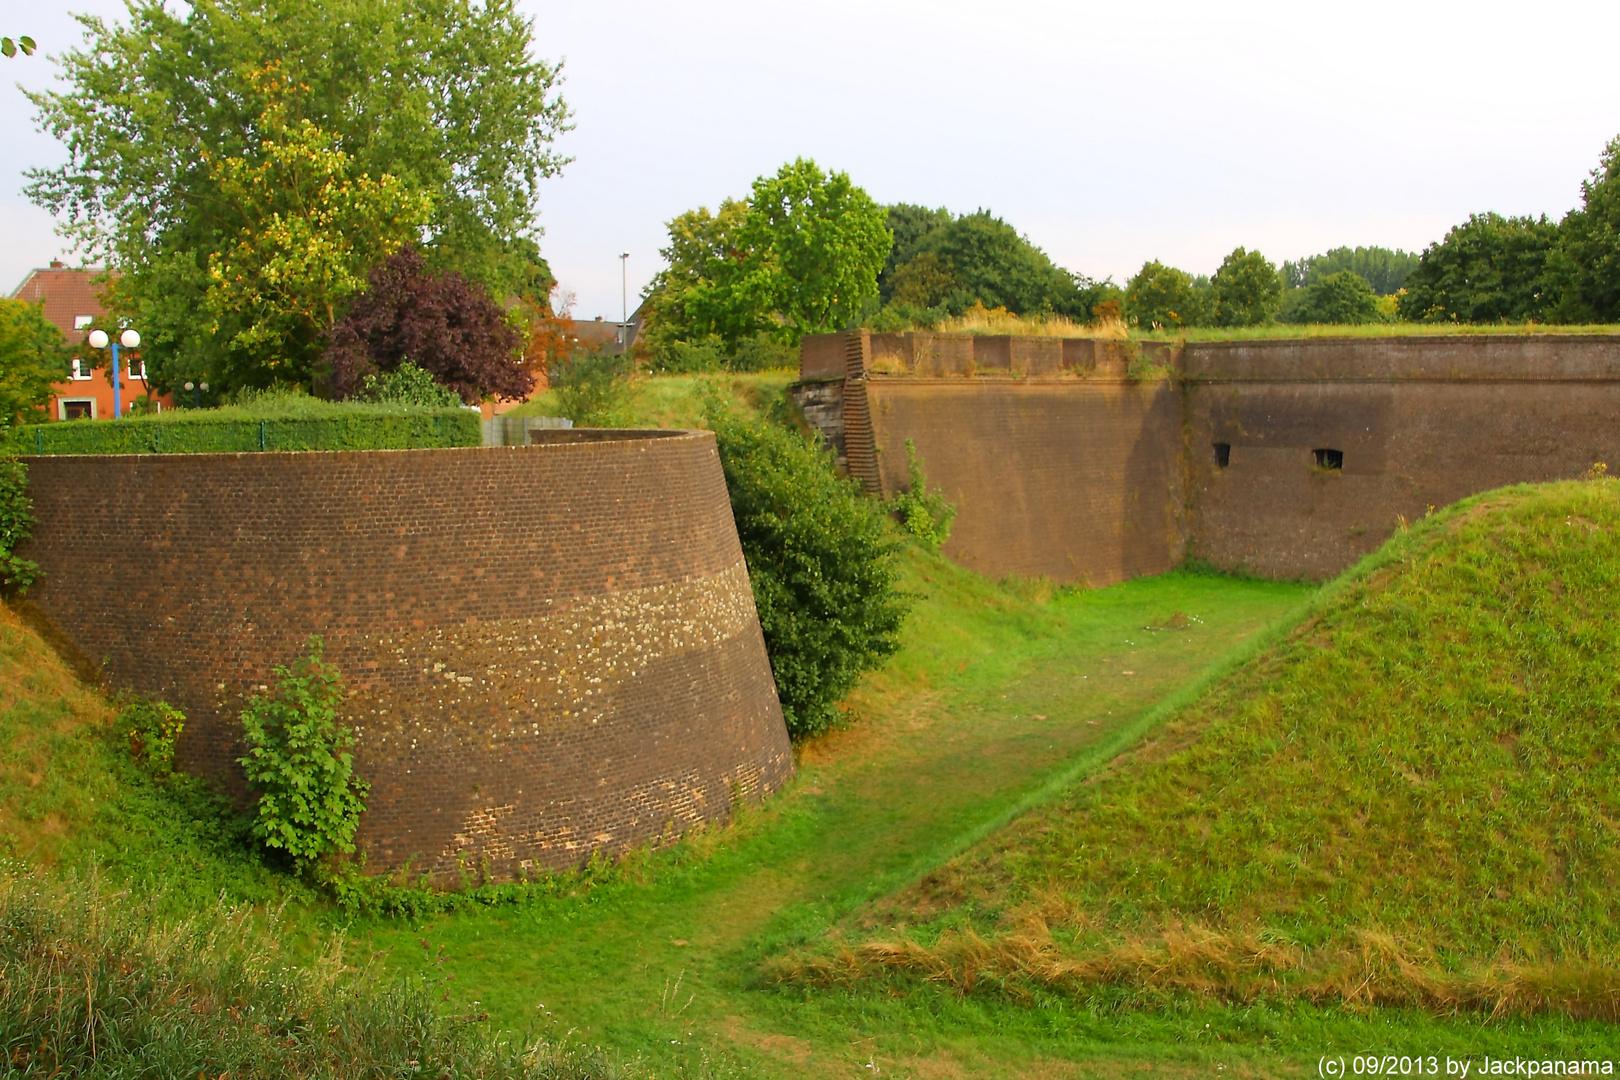 Der Übergang der Tenaille auf die Bastion in der Zitadelle in Wesel